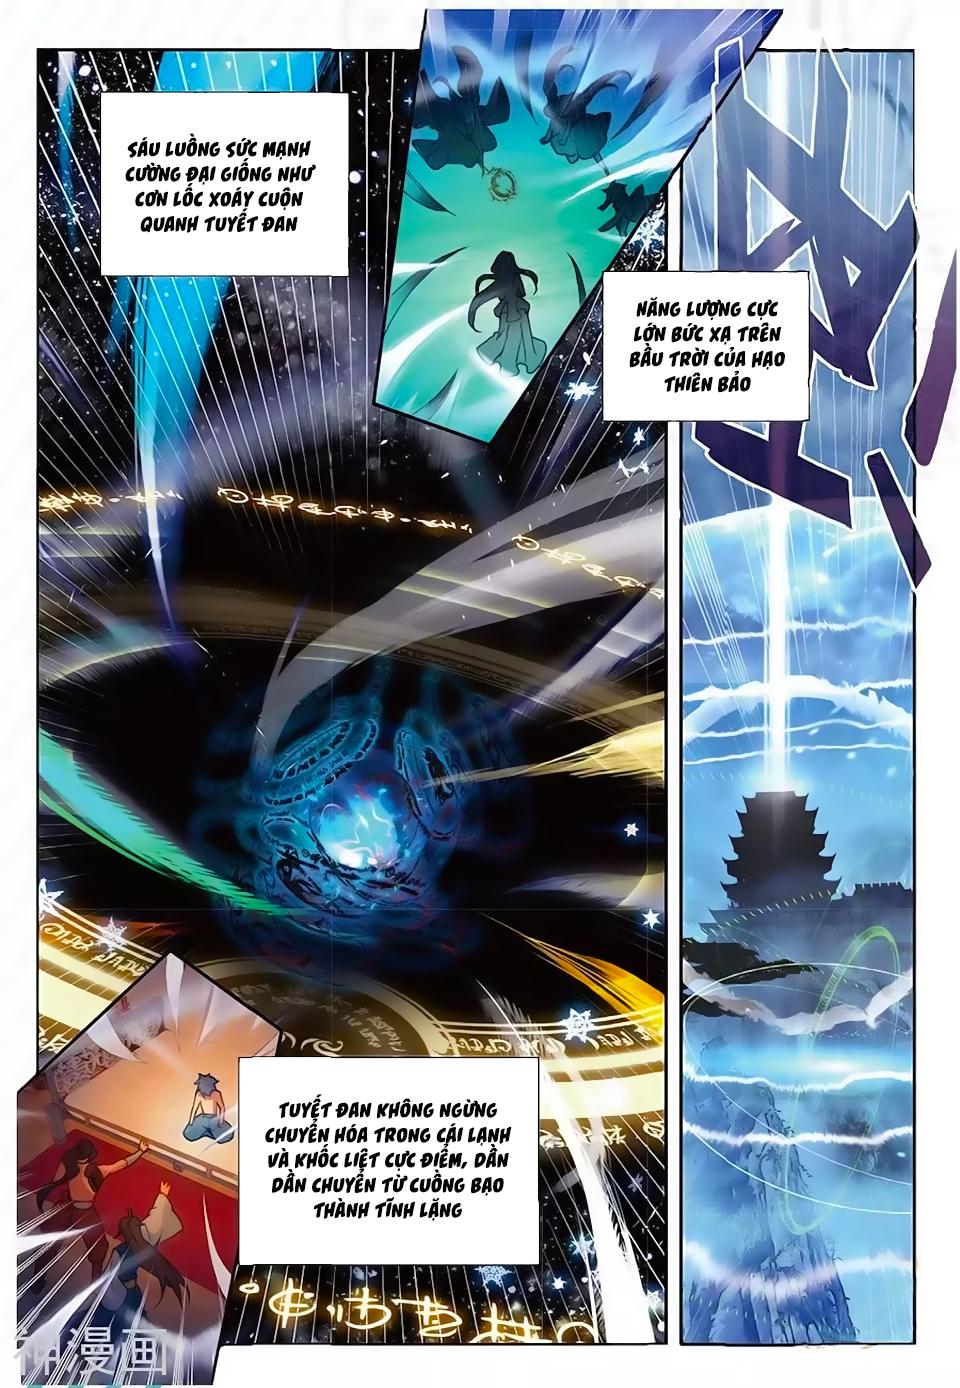 Tuyệt thế Đường Môn - Đấu La Đại Lục 2 Chapter 165 - Hamtruyen.vn